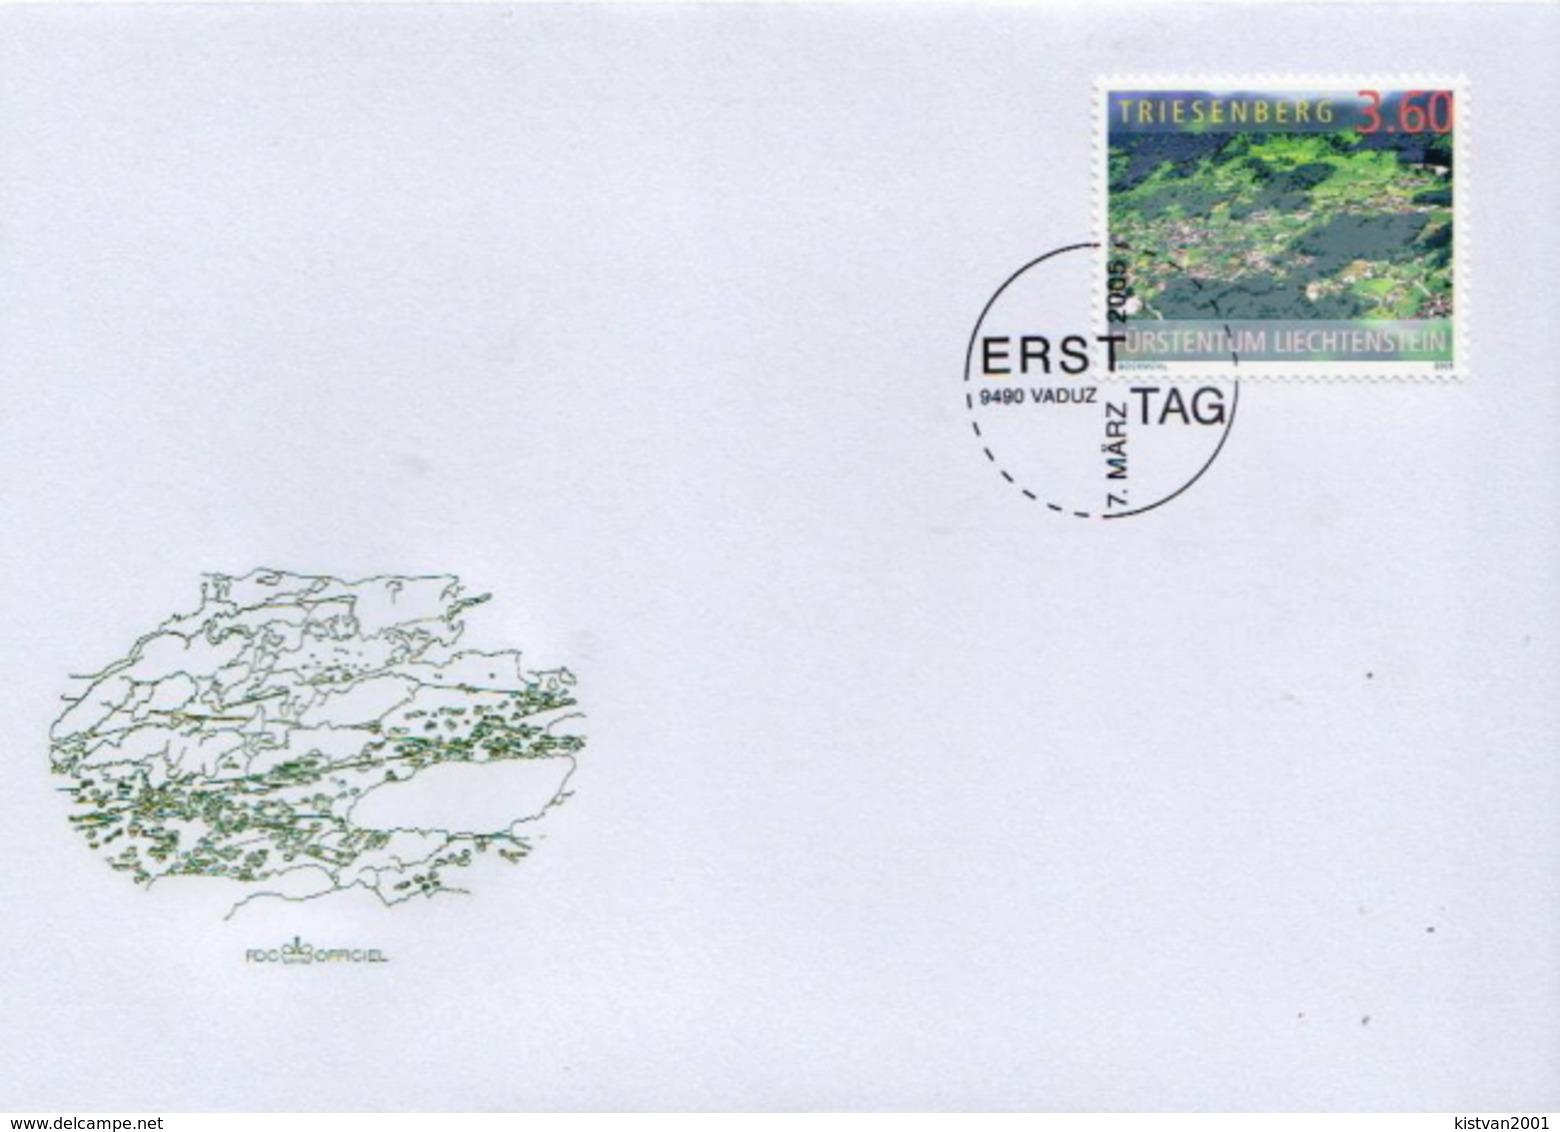 Liechtenstein Stamp On FDC - Holidays & Tourism